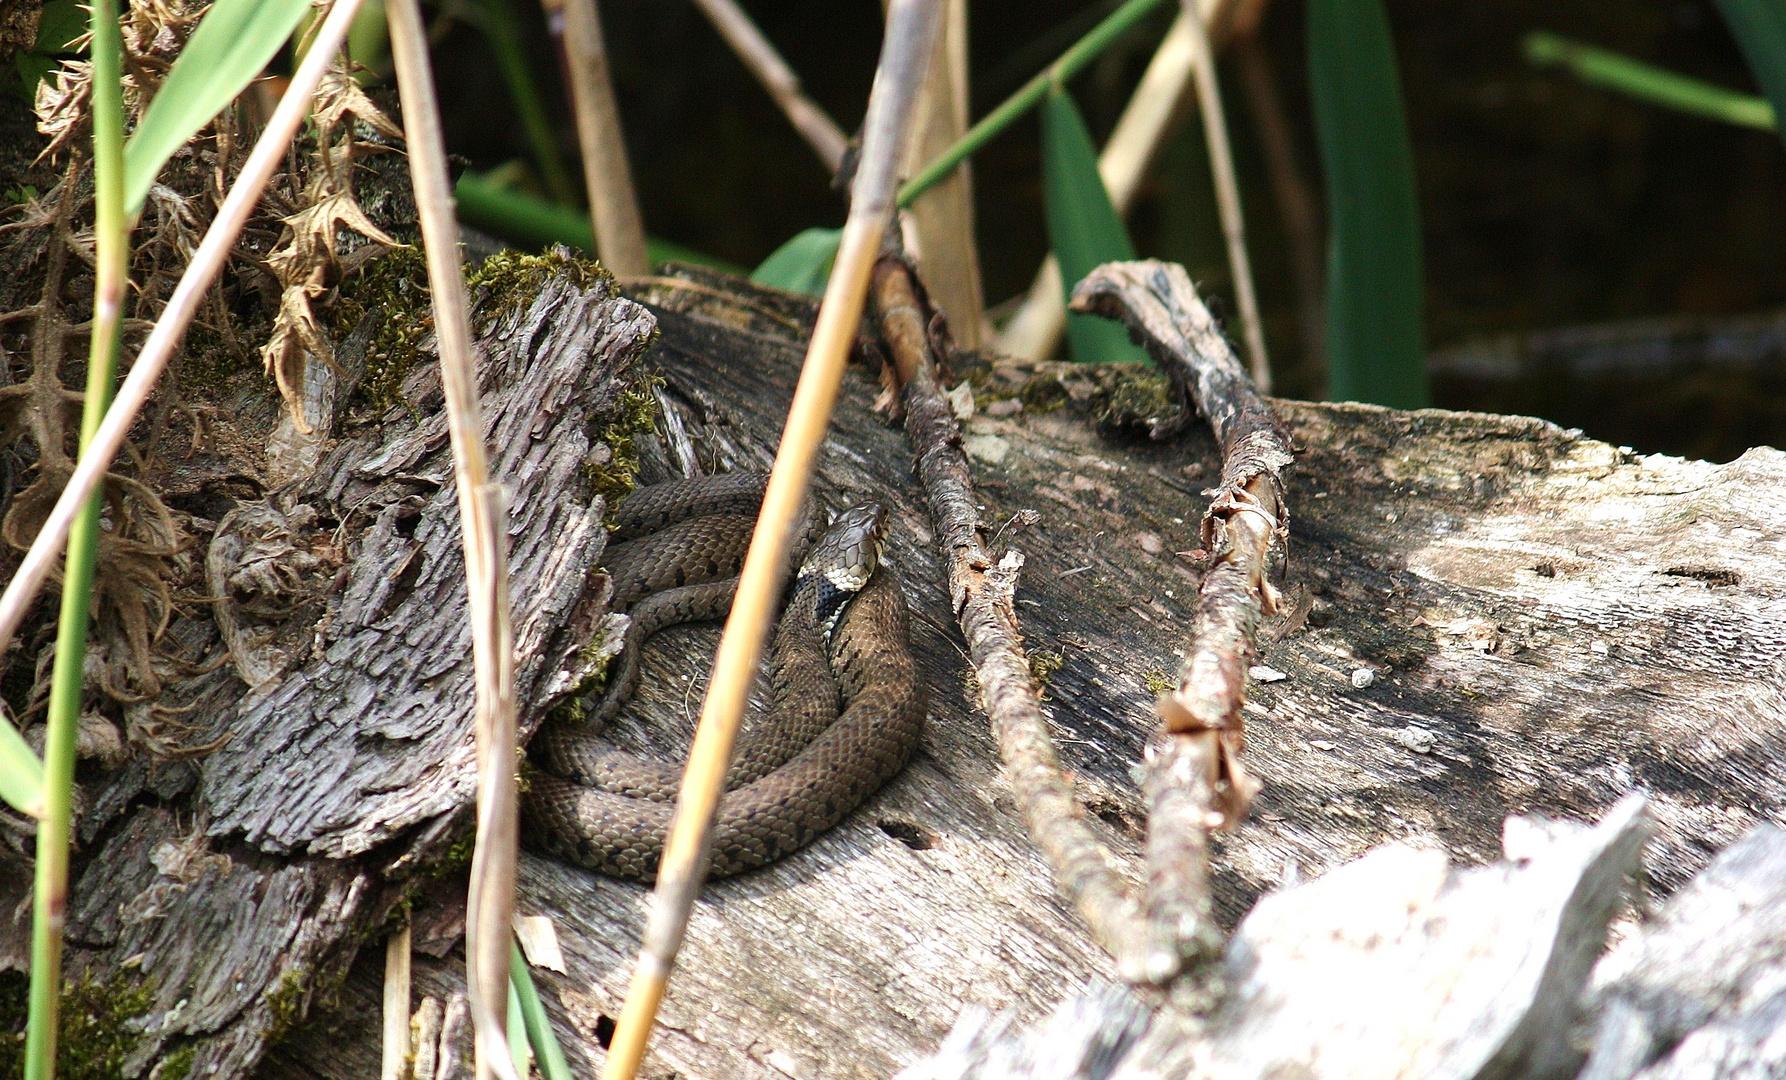 Natrix n.helvetica